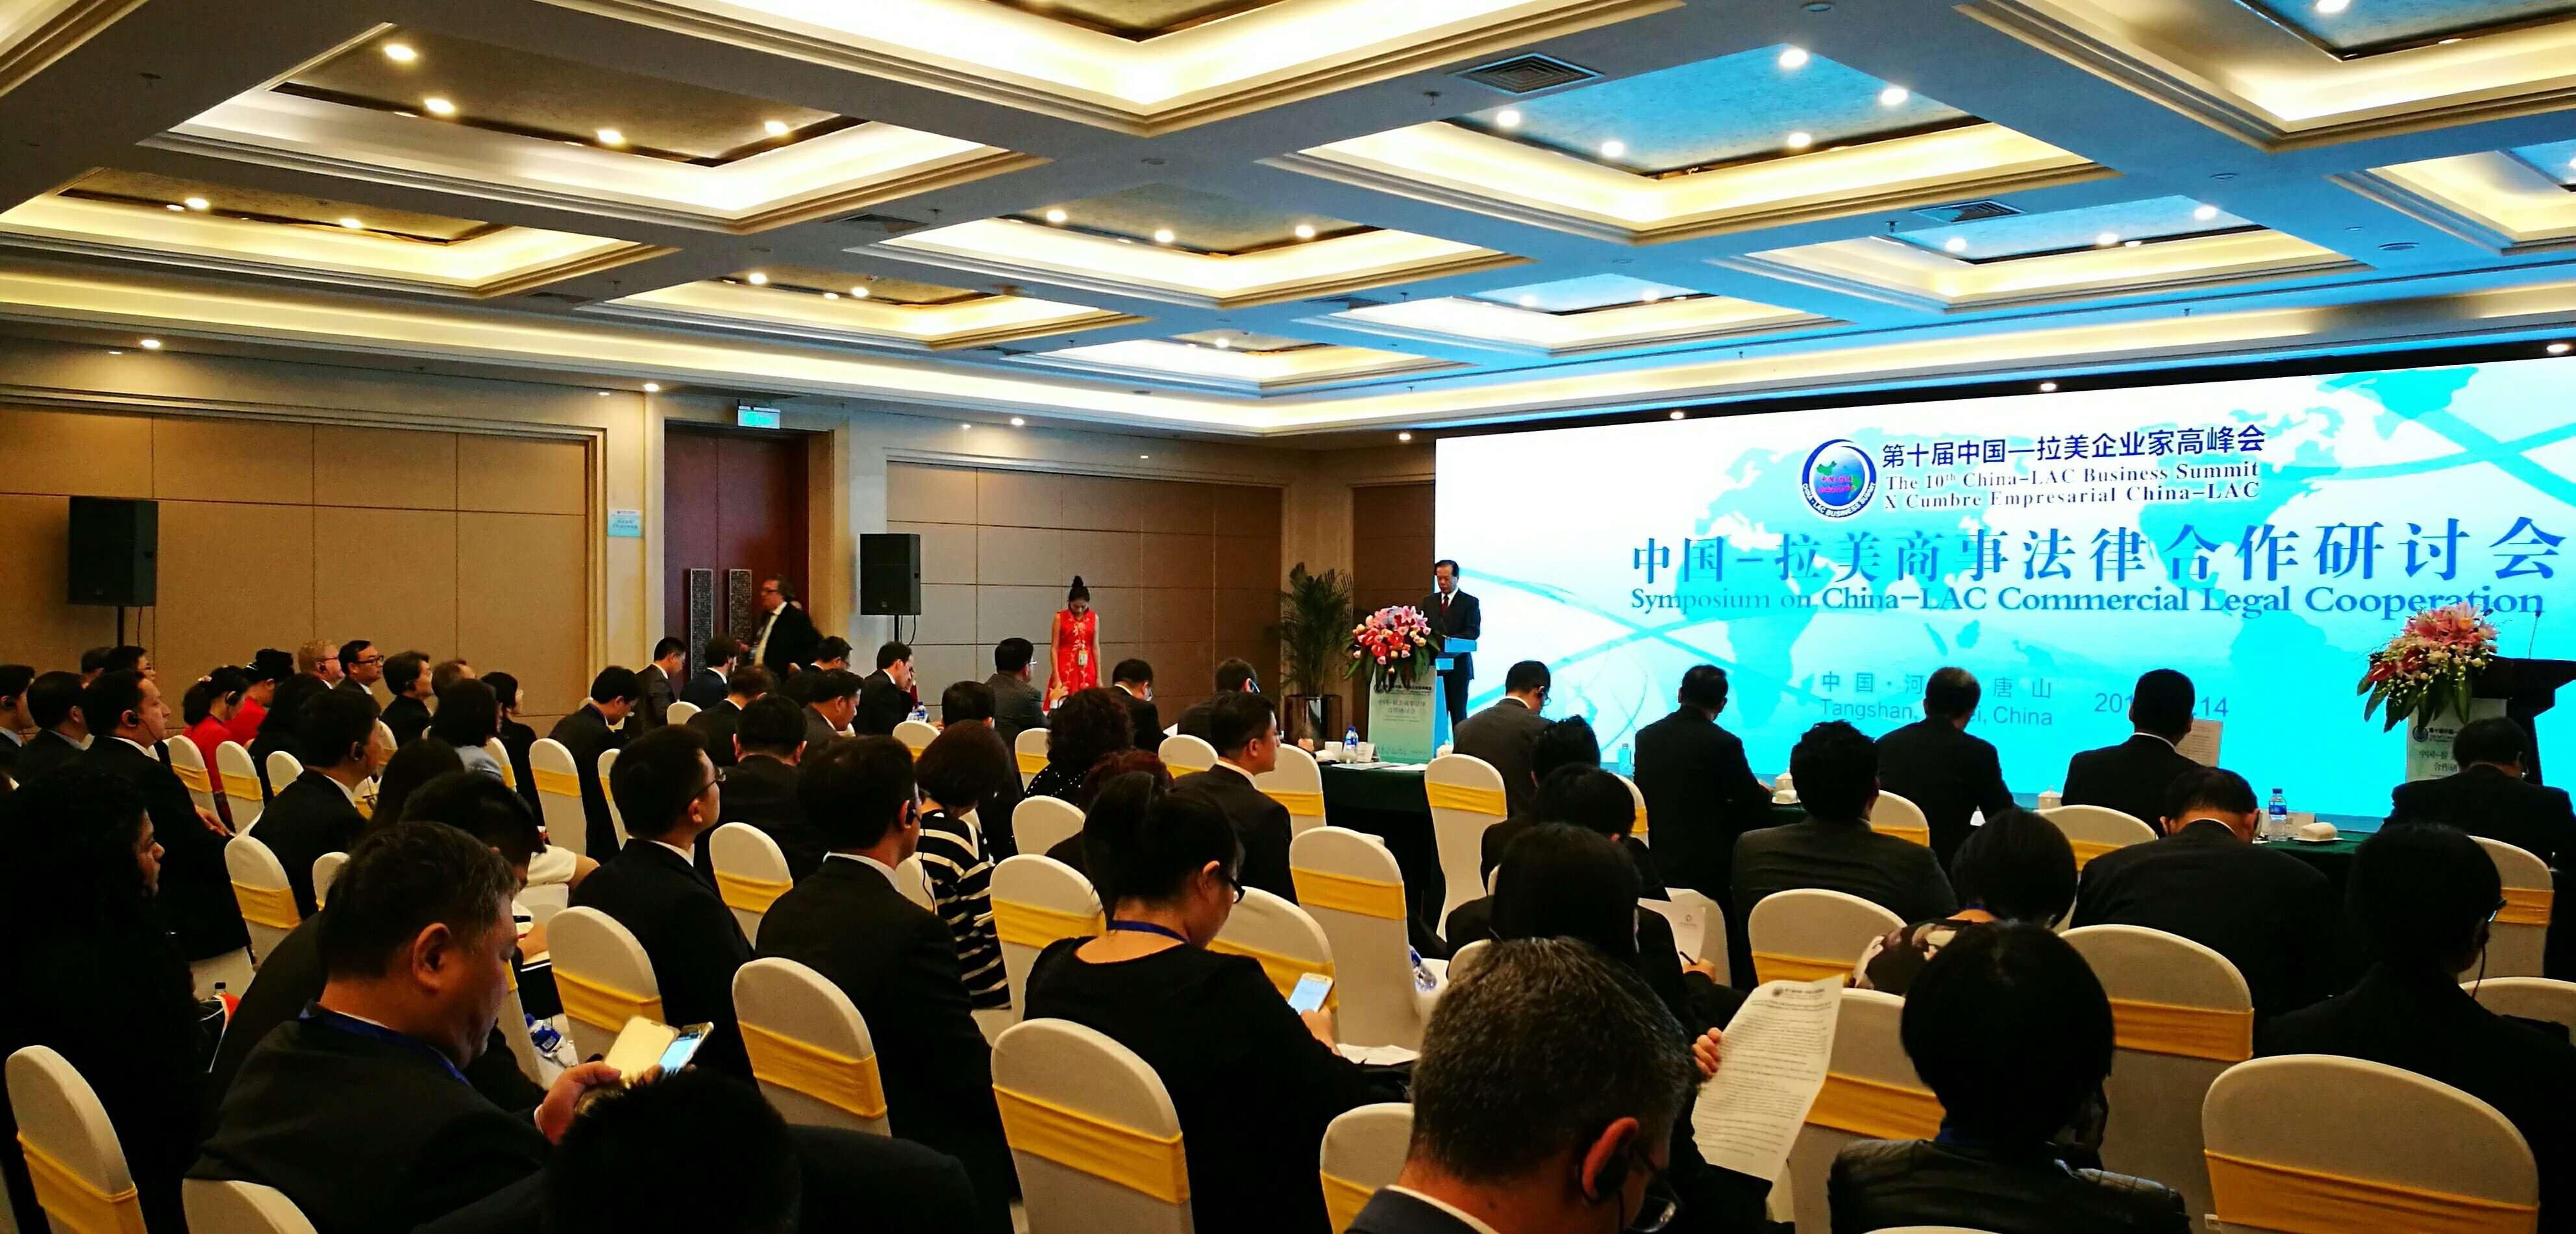 2016年首届中国-拉美商事法律合作研讨会在河北唐山成功召开